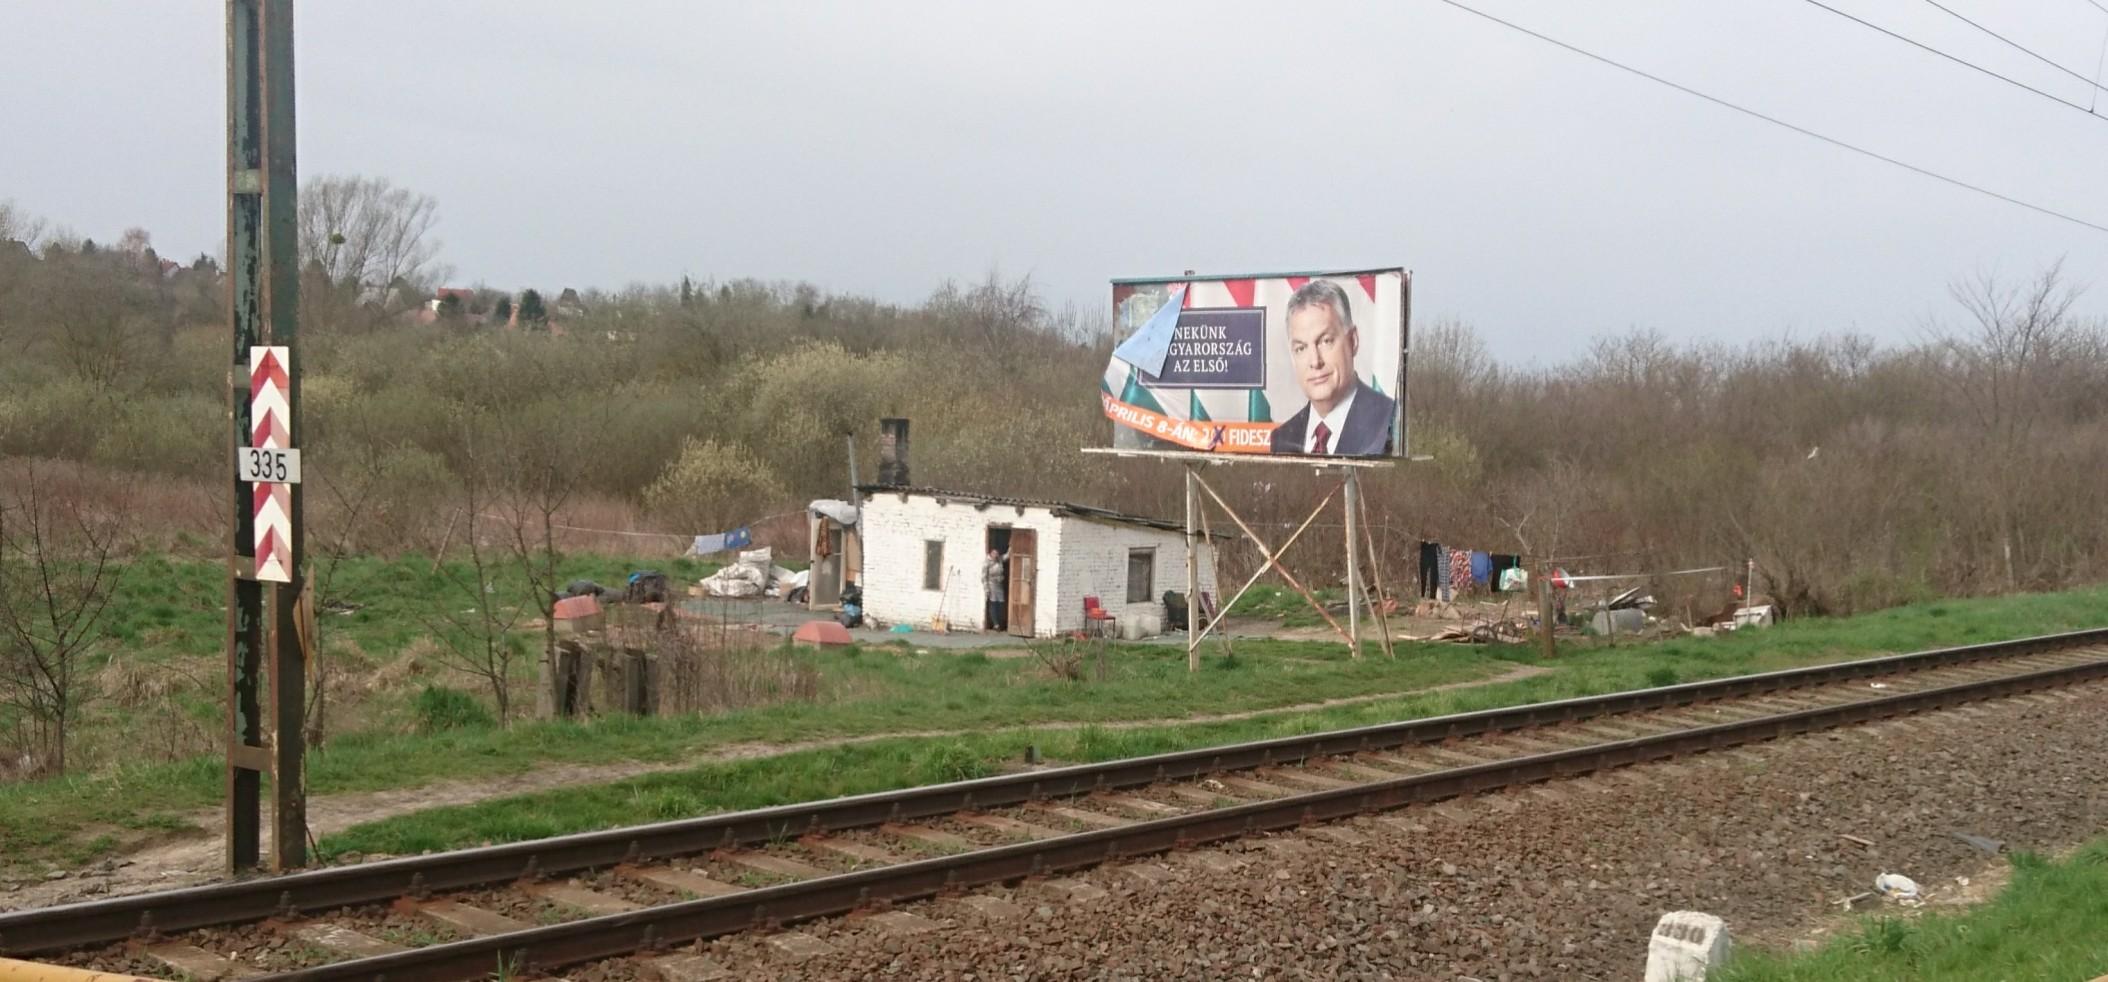 Ha valahol az emberek csak pár ezer forinttal többet keresnek, máris rengeteg szavazót veszít a Fidesz